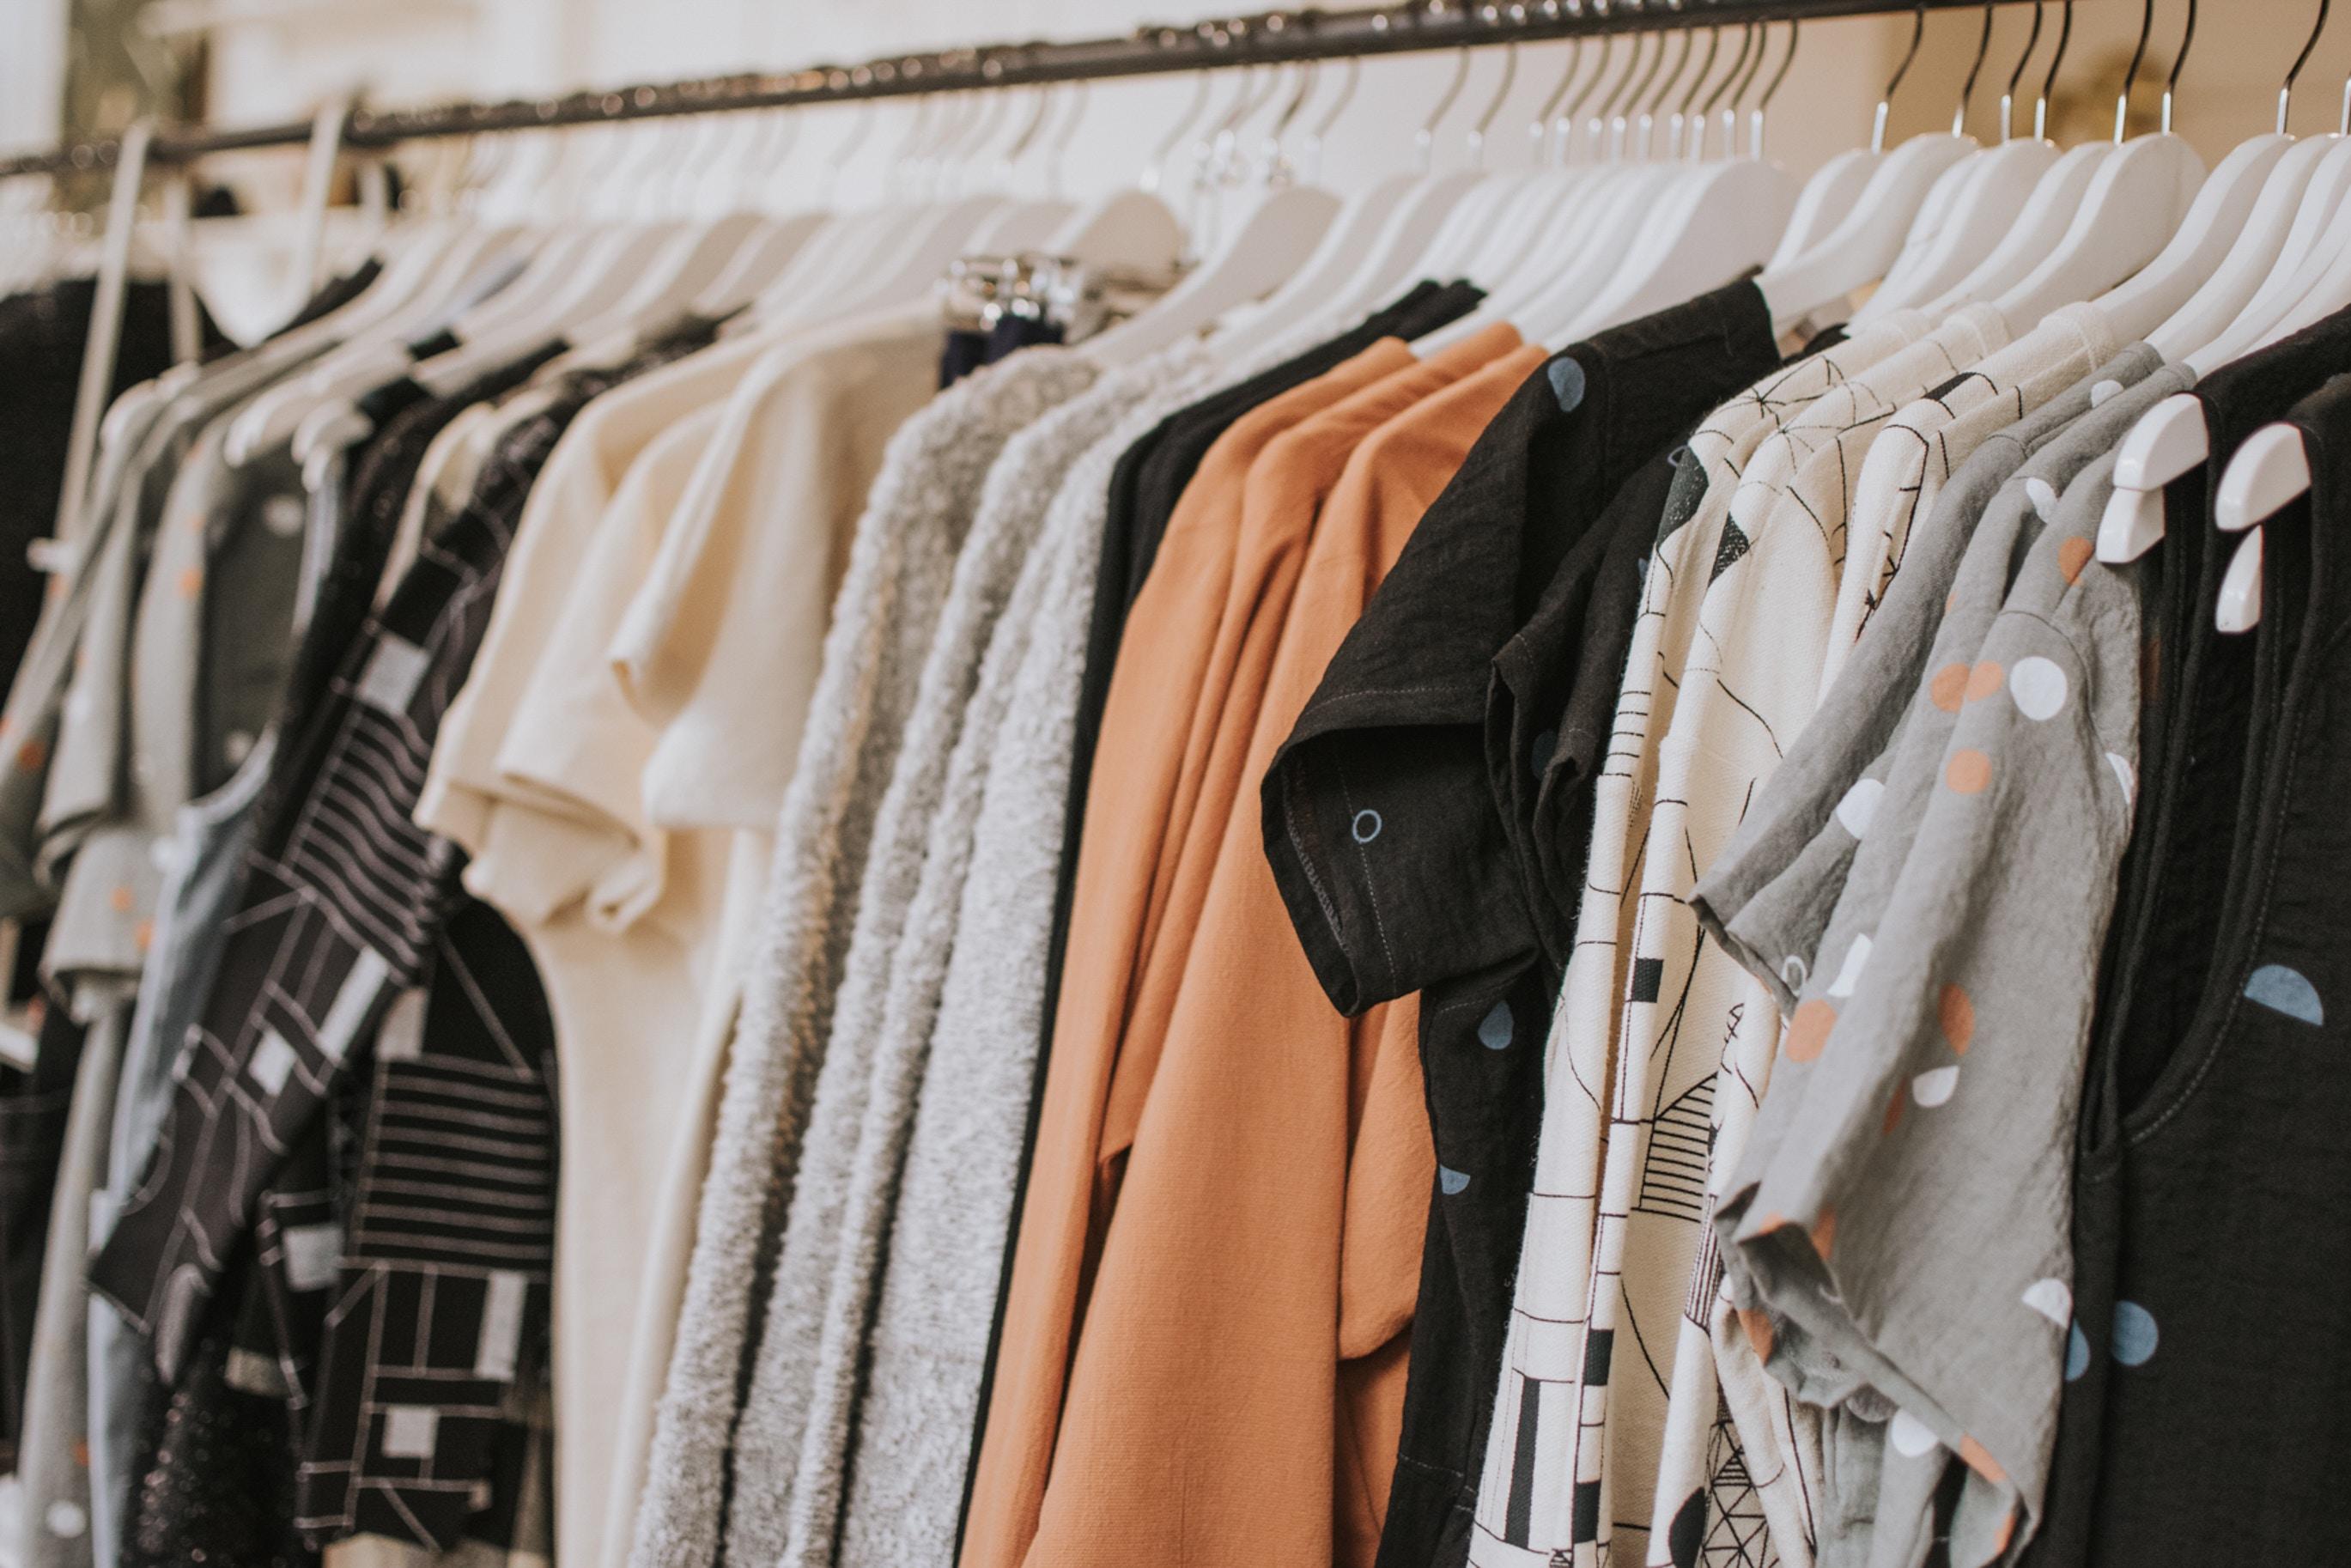 Las prendas de vestir constituyen una importante ayuda para las personas necesitadas. (Foto Prensa Libre: Unsplash)